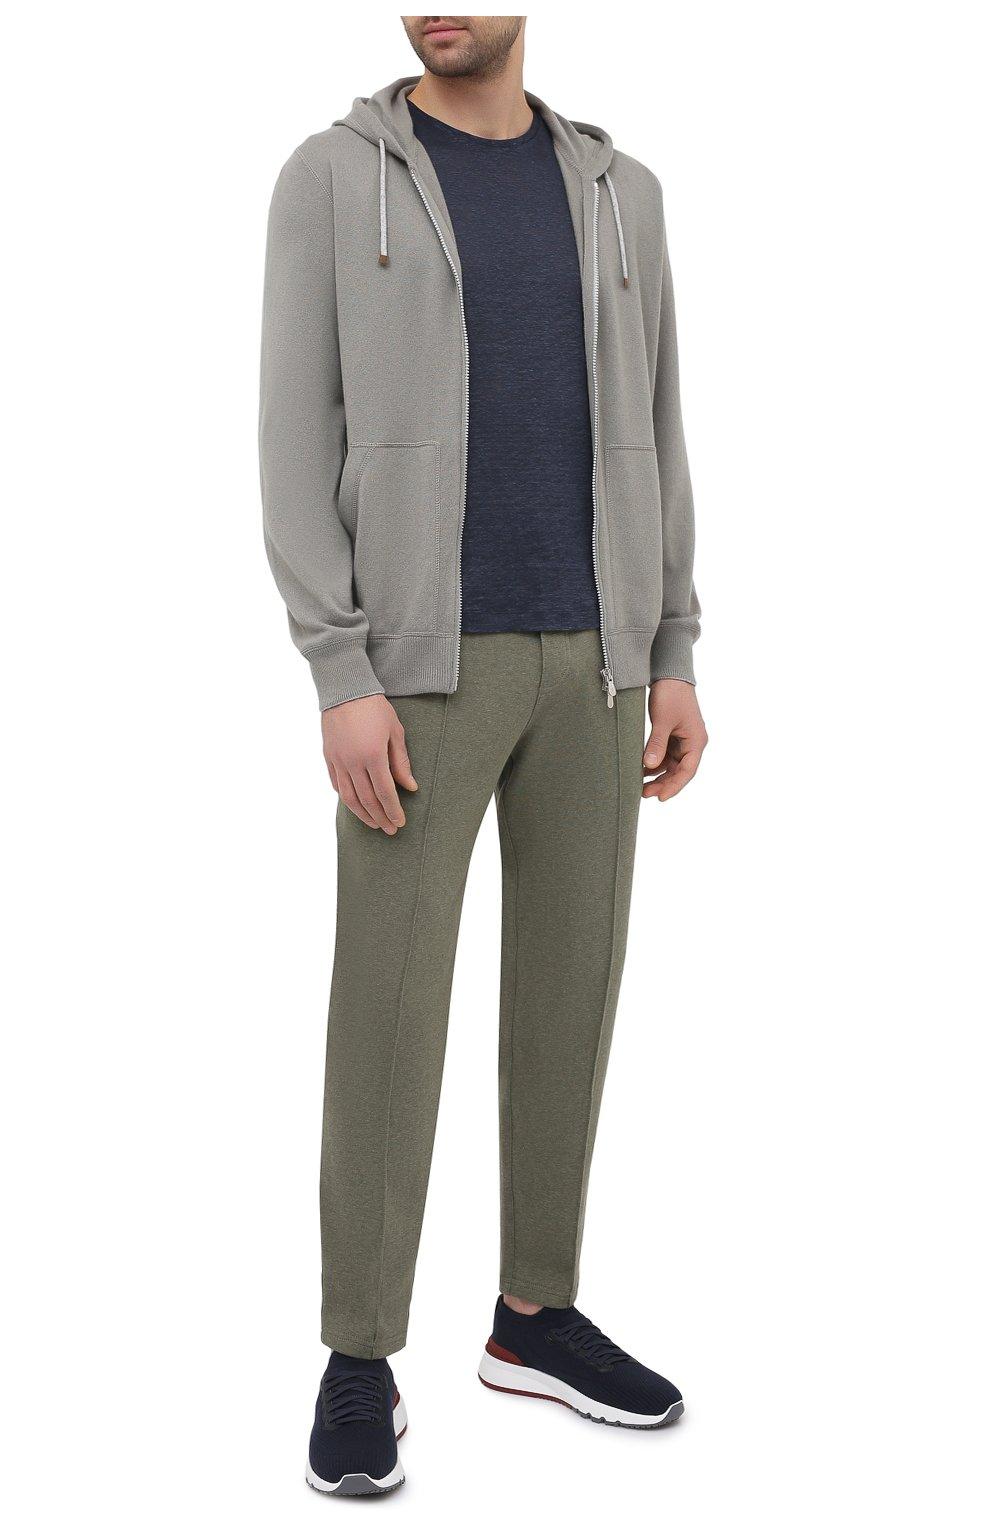 Мужская льняная футболка ORLEBAR BROWN темно-синего цвета, арт. 265745 | Фото 2 (Кросс-КТ: домашняя одежда; Рукава: Короткие; Длина (для топов): Стандартные; Мужское Кросс-КТ: Футболка-белье; Материал внешний: Лен)